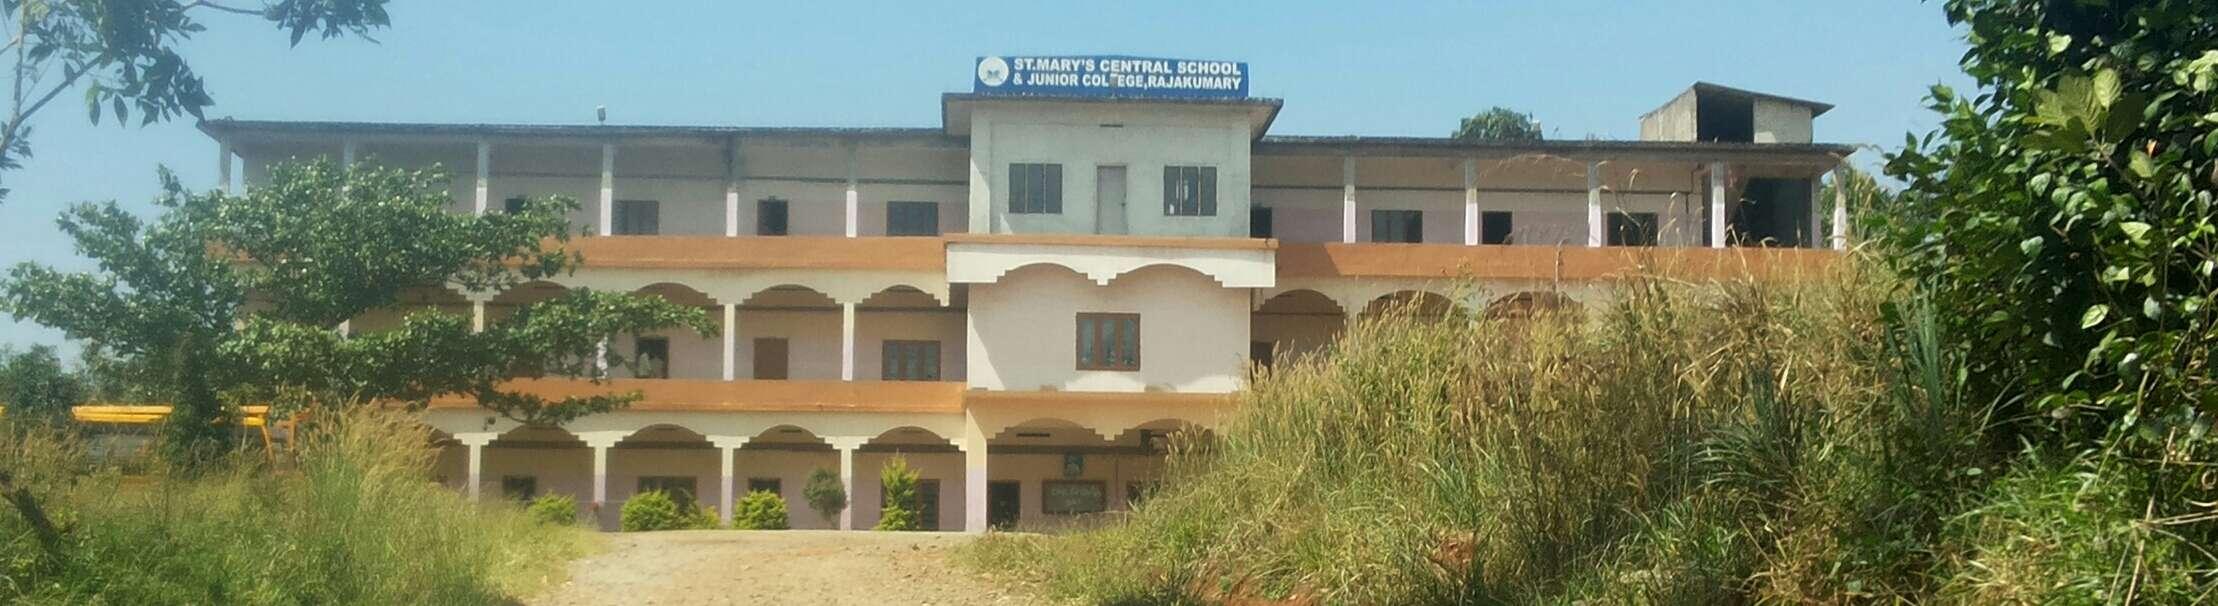 ST MARY S CENTRAL SCHOOL RAJAKUMARI ARIVILAMCHAL PO IDUKKI DISTT KERALA 930461